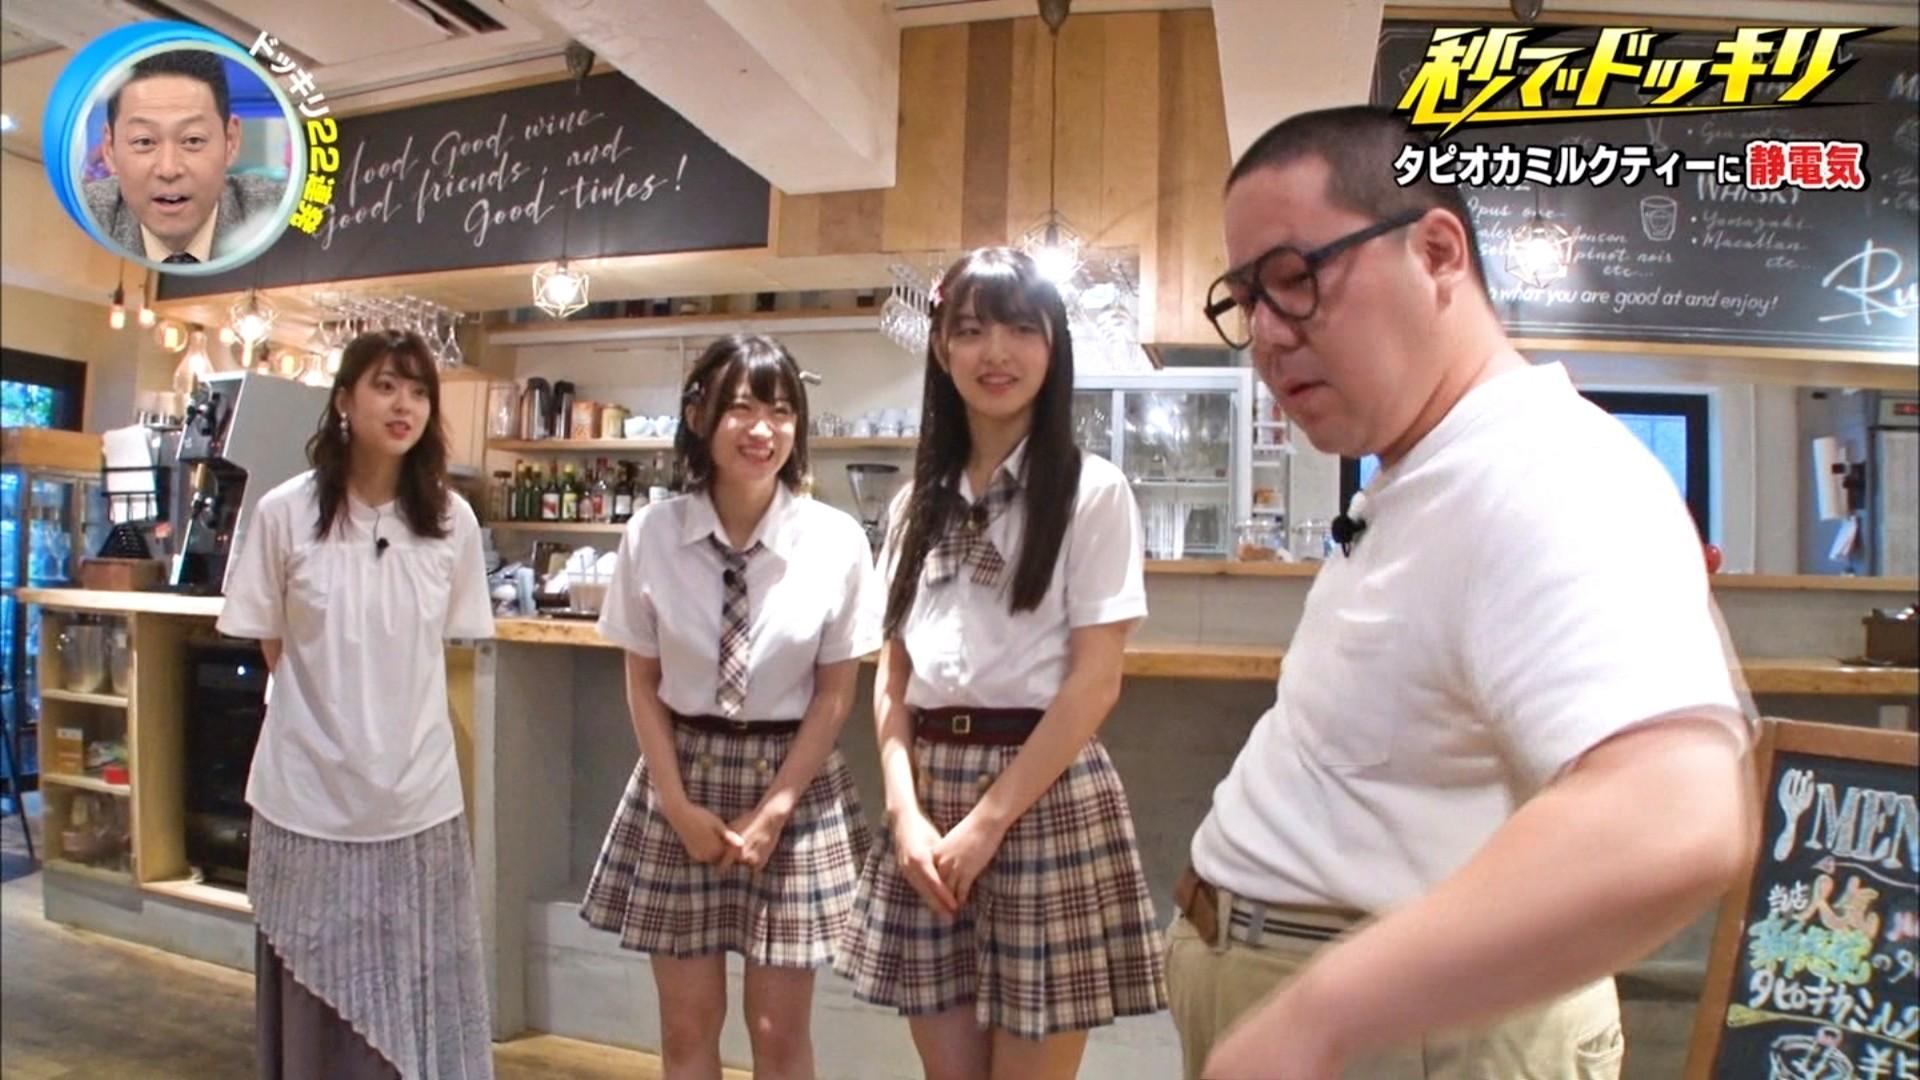 2019年11月30日にフジテレビ系列でほうそうされた「芸能人が本気で考えた!ドッキリGP」に出演したNMB48上西怜・大田莉央奈の画像-033